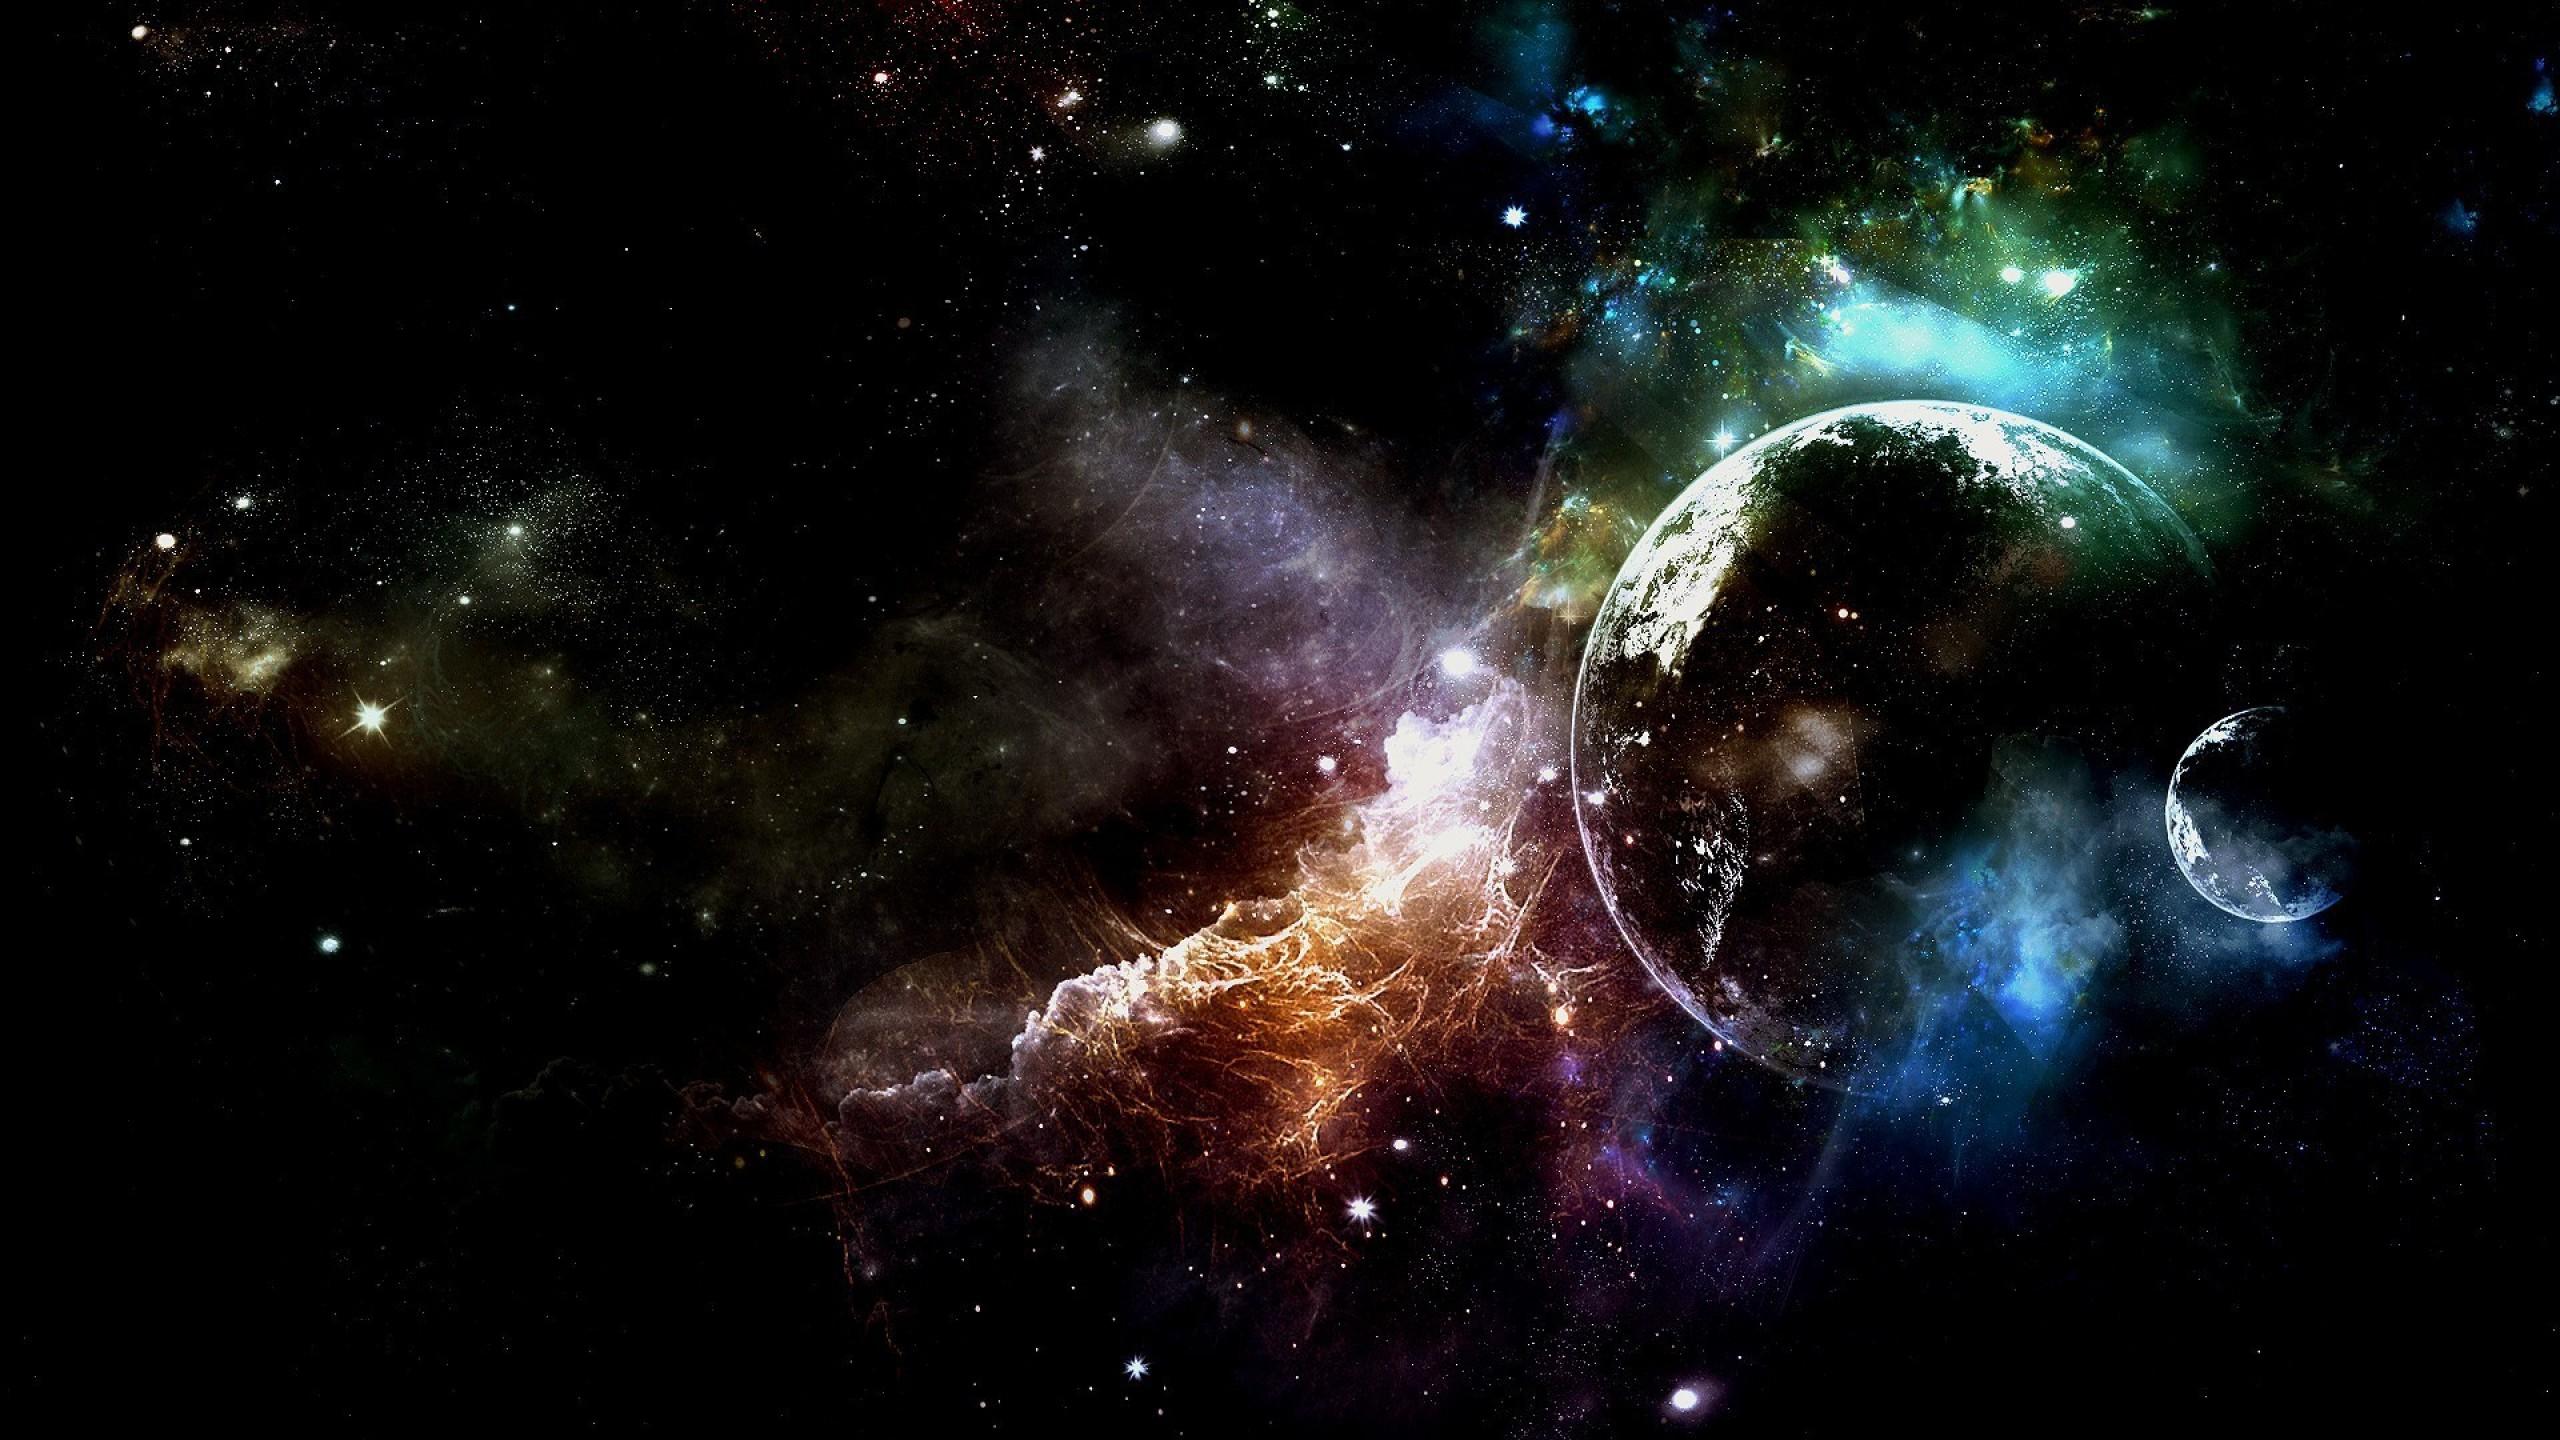 Обои галактика космос звезды картинки на рабочий стол на тему Космос - скачать  № 3548518  скачать